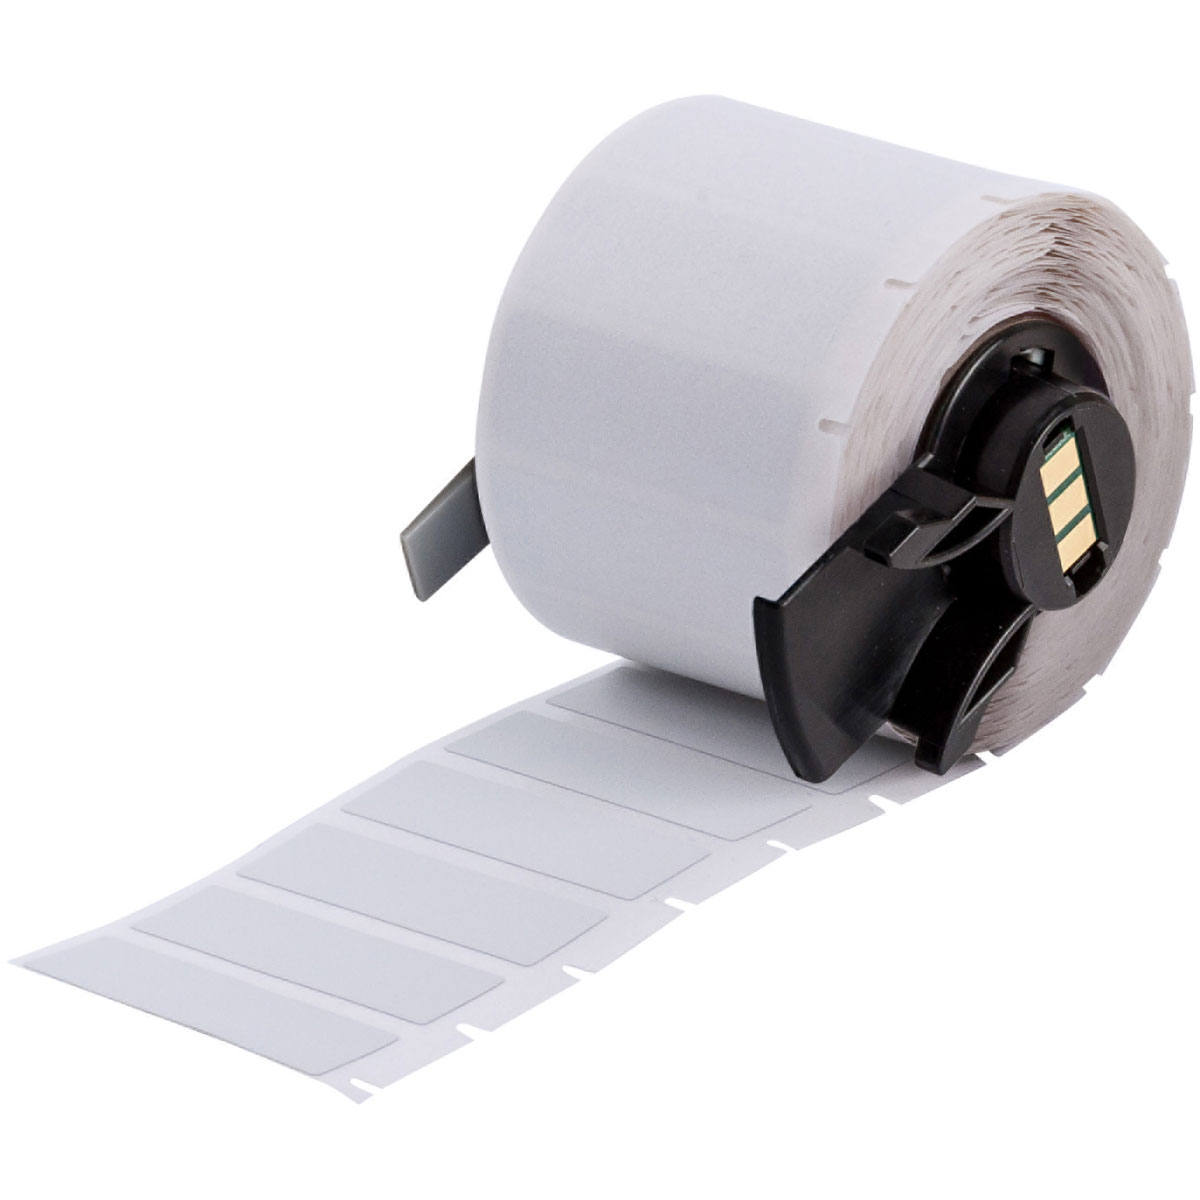 BRADY PTL-29-486 1.500 IN X 0.500IN (38.10 MM X 12.70 MM)500/rl